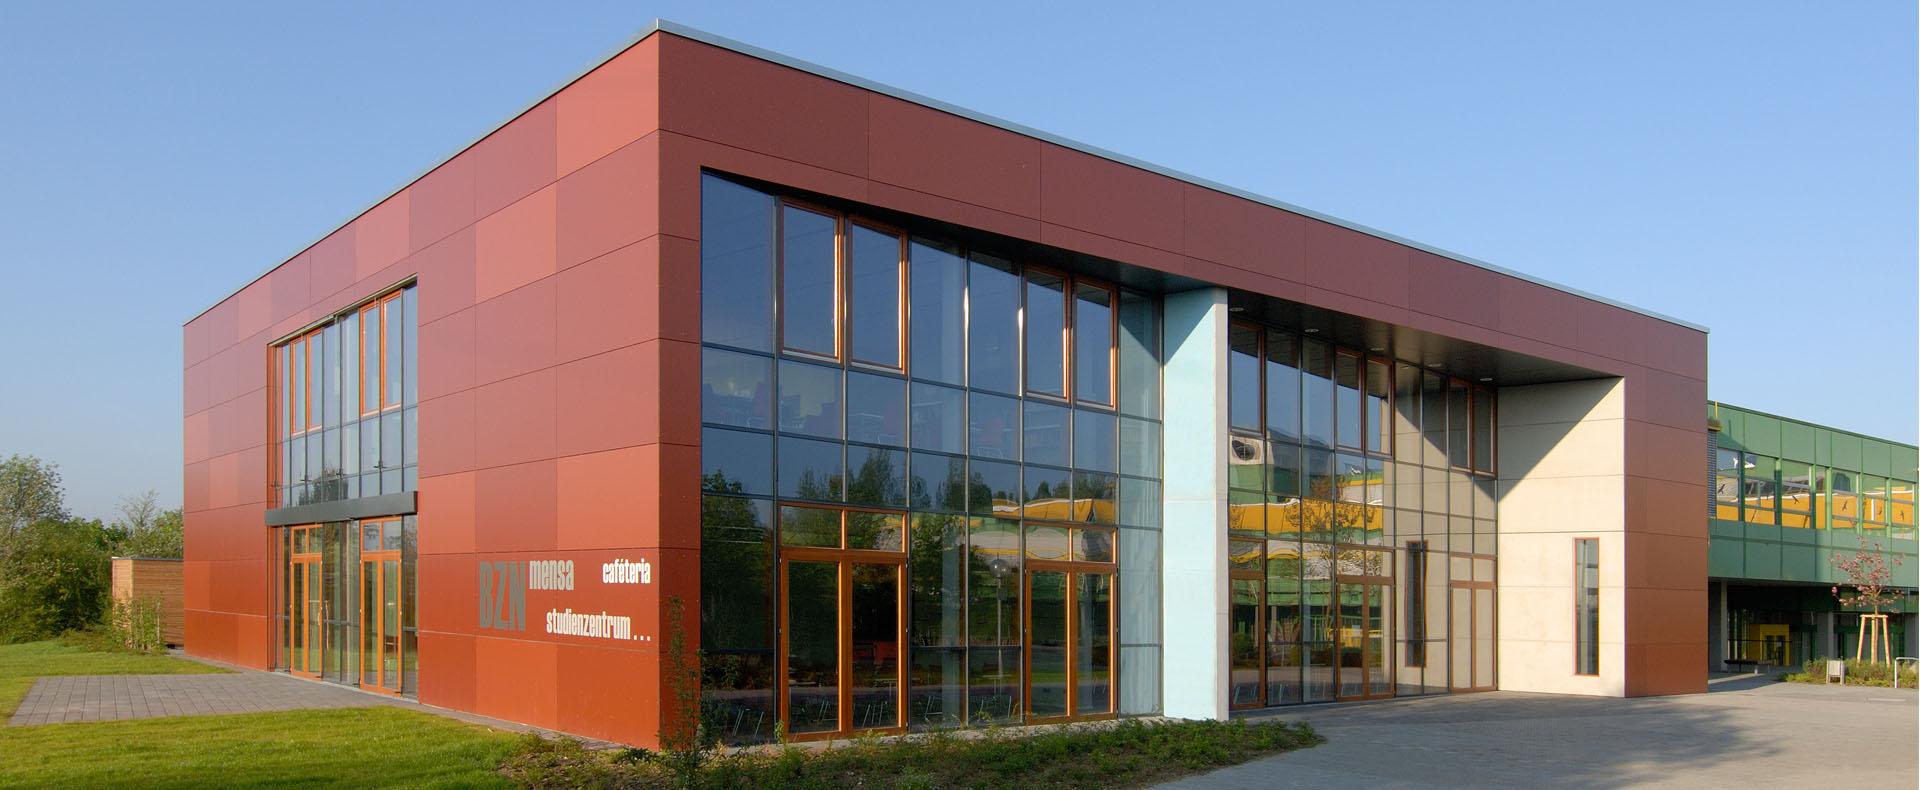 Schulerweiterung Bildungszentrum Nord. Maßnahme im Rahmen IZBB. Die Mensa im EG beinhaltet eine Vollzubereitungsküche. Im OG befindet sich eine Mediathek. Anbinden an Bestand